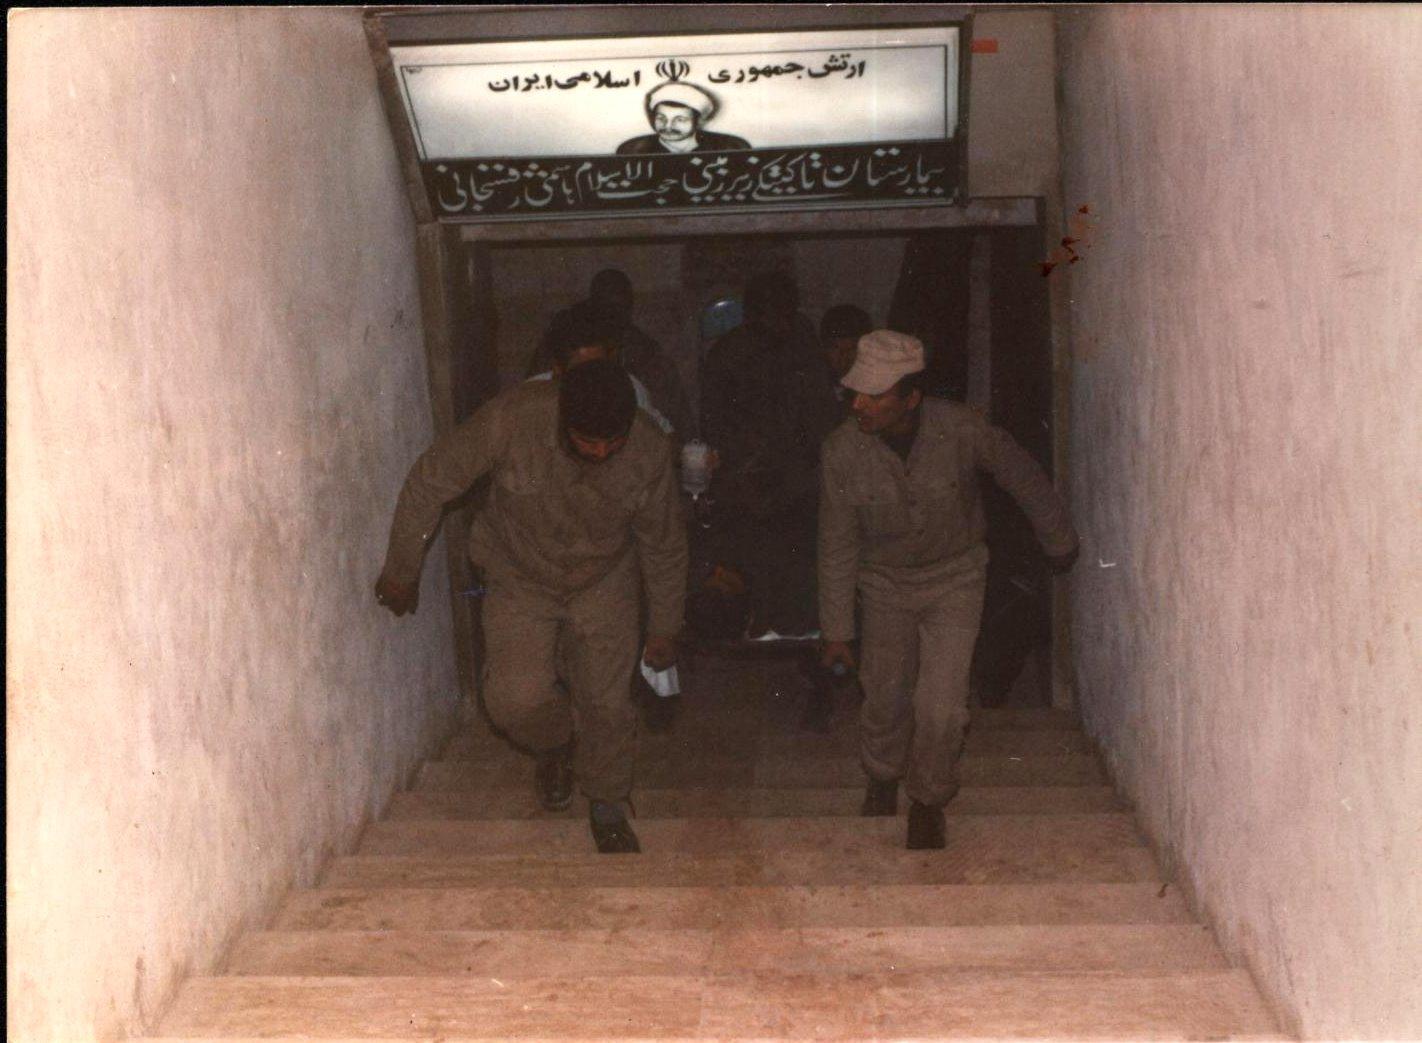 بیمارستان هاشمی رفسنجانی+عکس